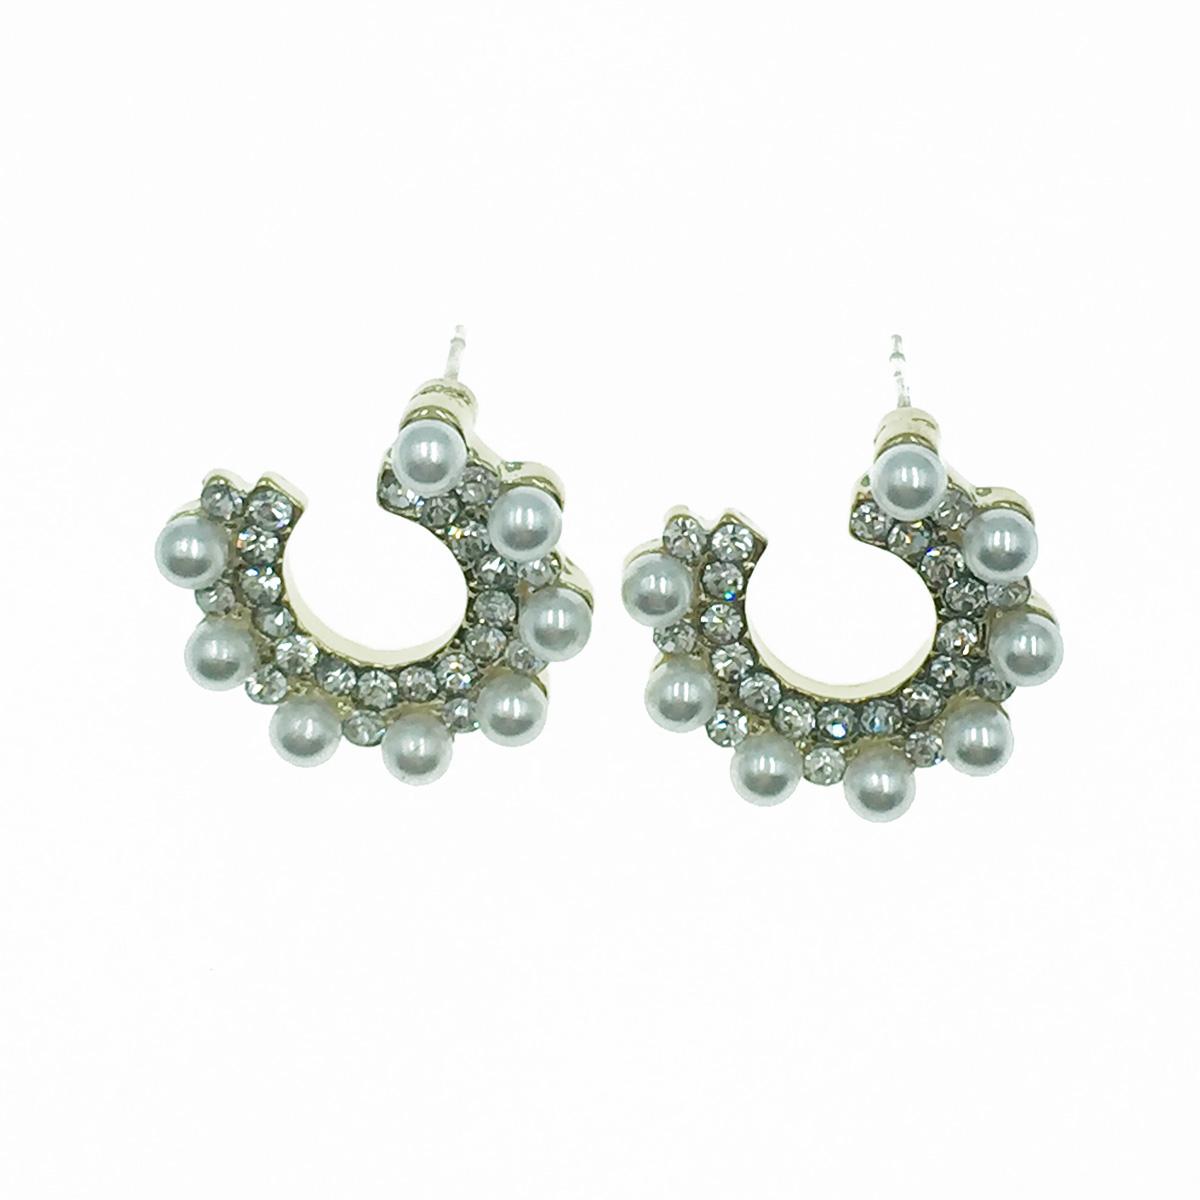 韓國 925純銀 珍珠 水鑽 半圓開口 甜美氣質款 耳針式耳環